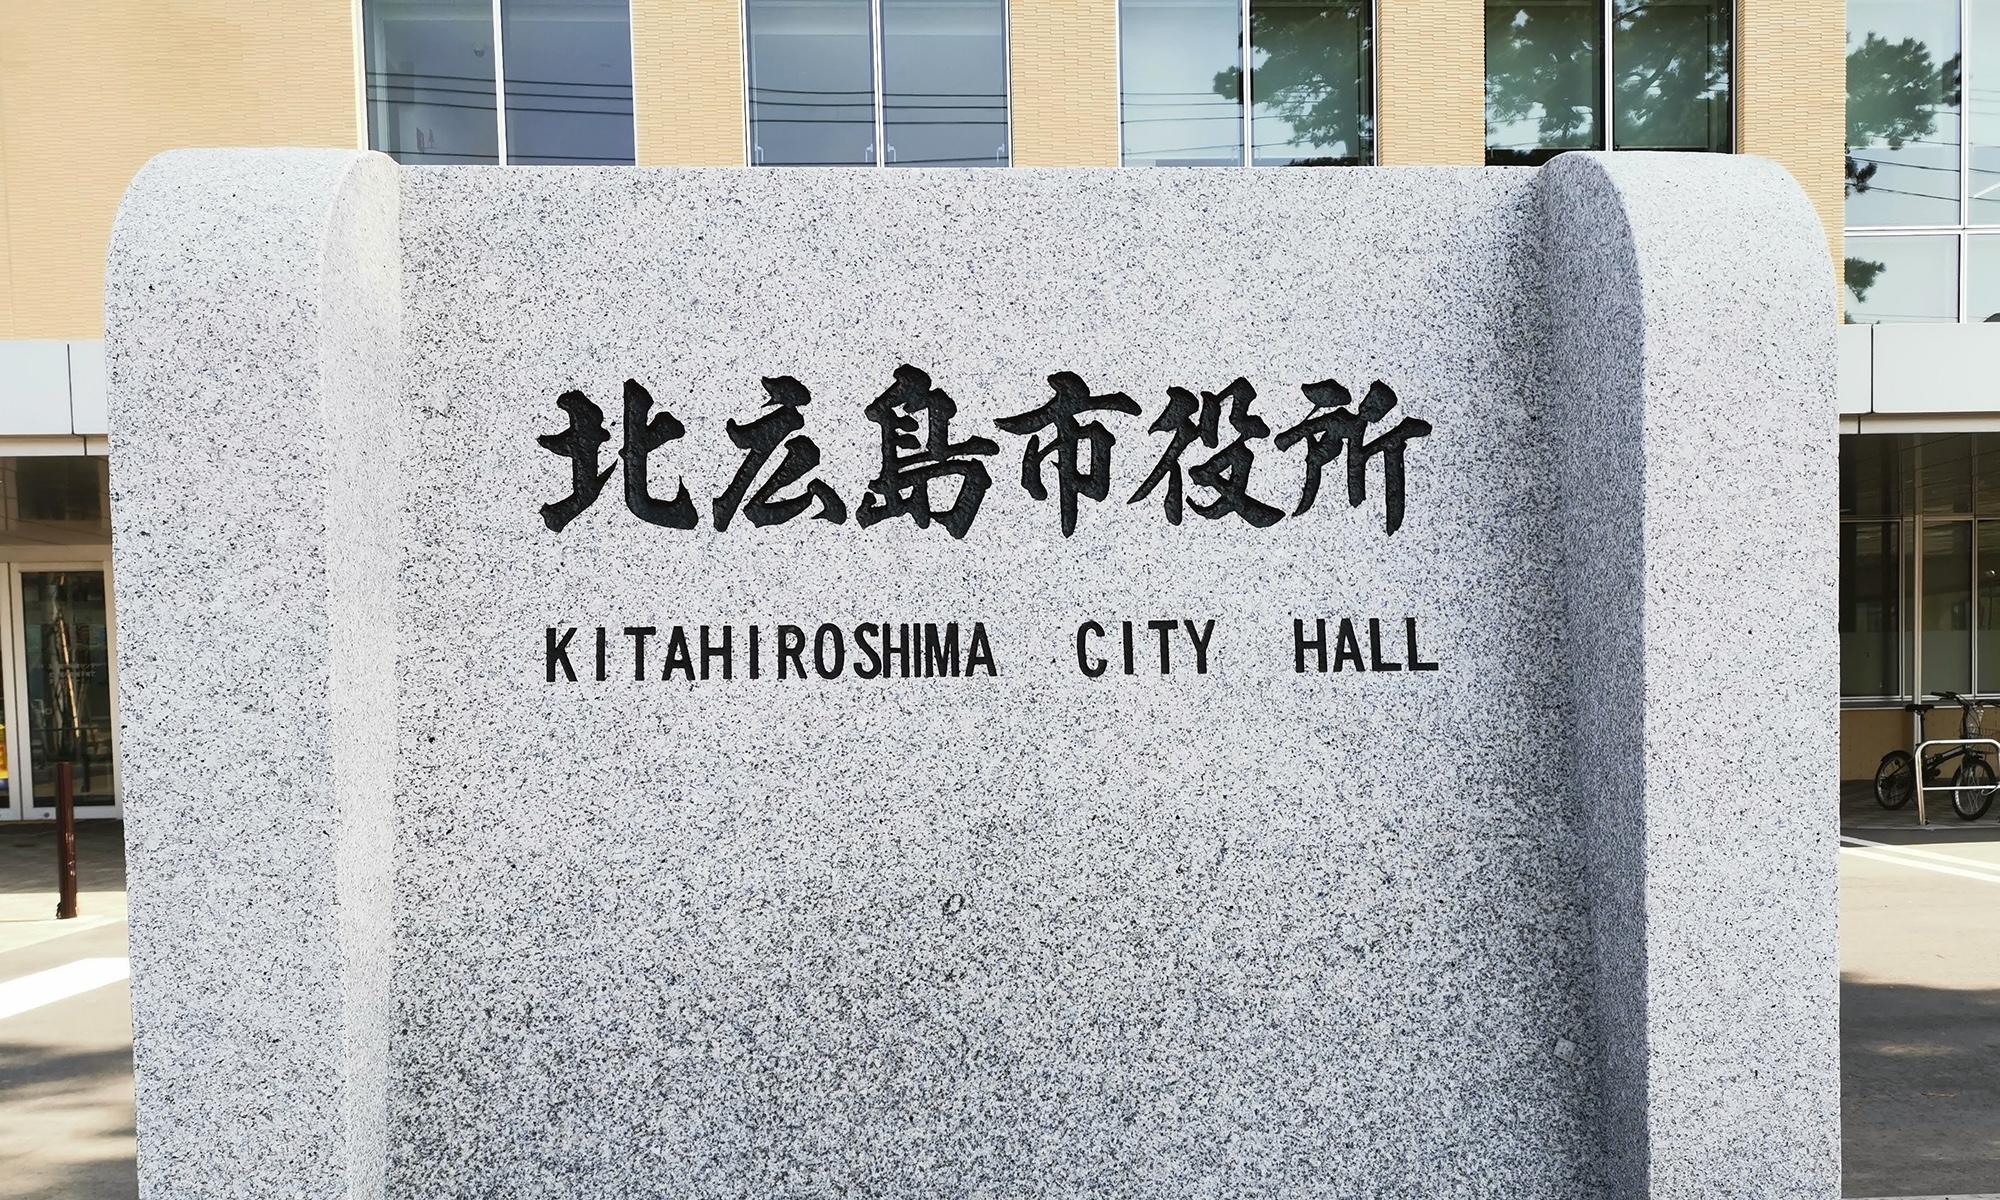 北広島市、クラウドファンディング大手と包括連携協定を締結